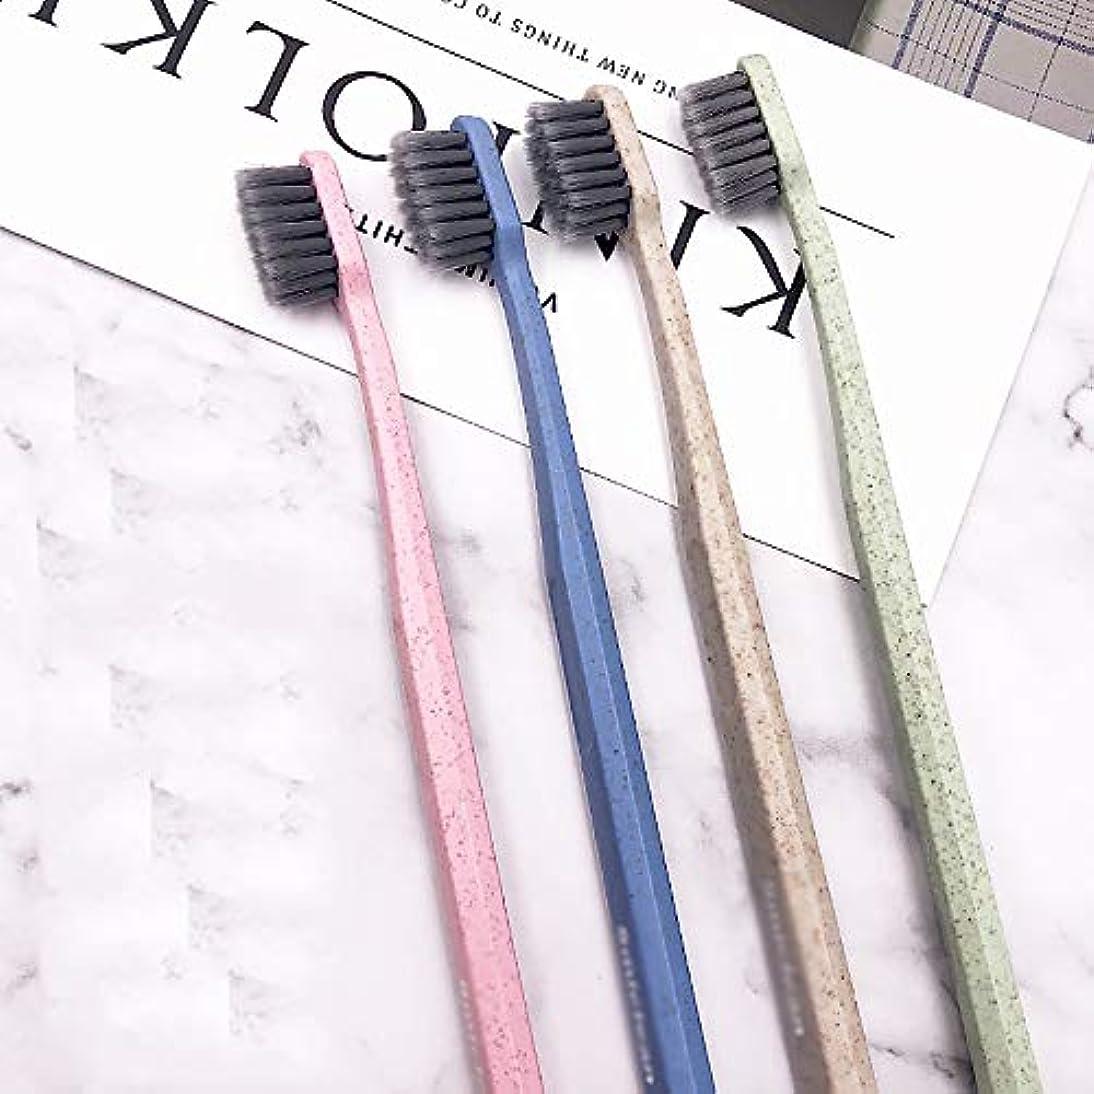 長方形ネクタイ避けられない歯ブラシ 8本のスティック大人歯ブラシ、竹炭歯ブラシ、ブラックブラシヘッド歯ブラシ - 使用可能なスタイルの3種類 HL (色 : A, サイズ : 8 packs)